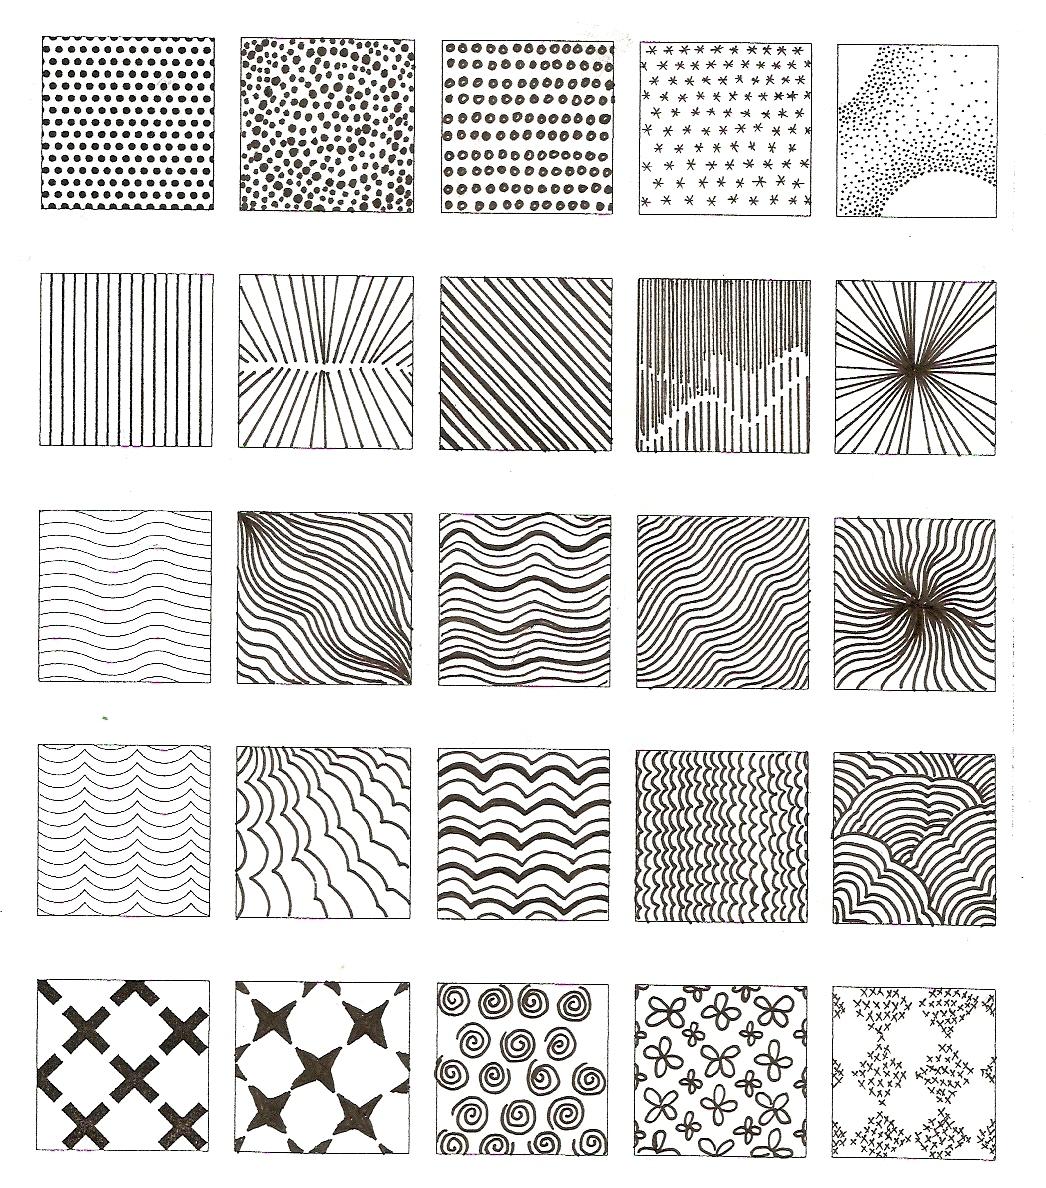 Plano Decorativo Dibujo Tecnico